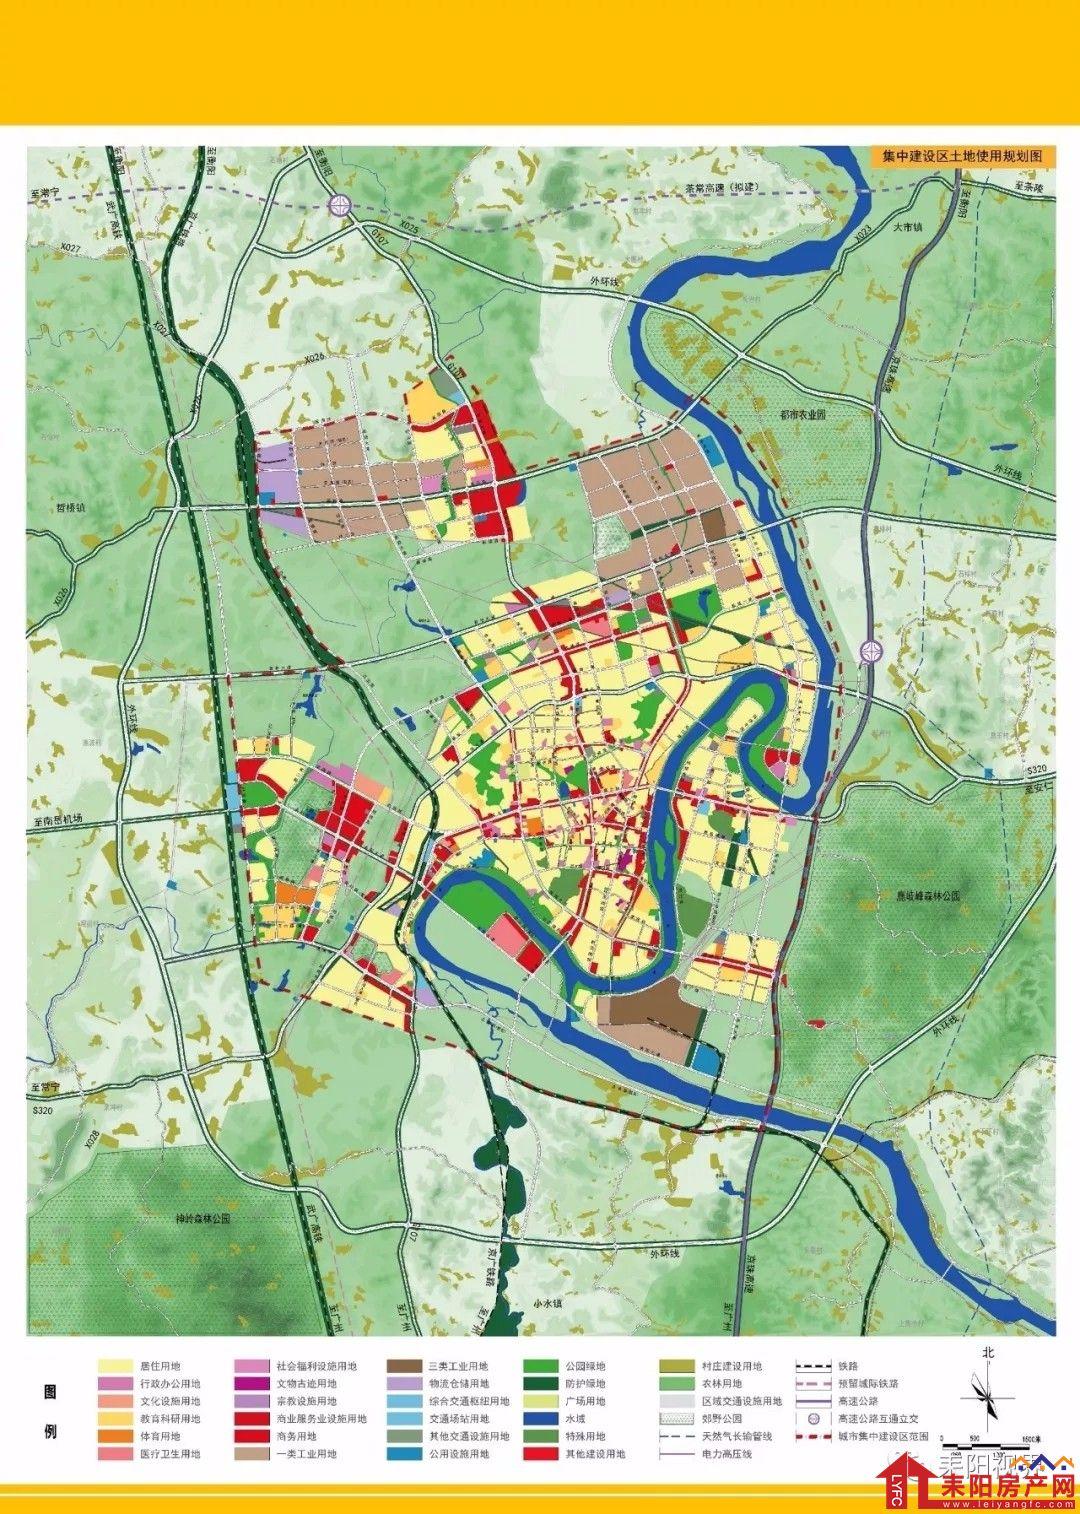 耒阳城区人口_2030年,耒阳城区人口65万 住哪里才是市中心 内含高清规划图